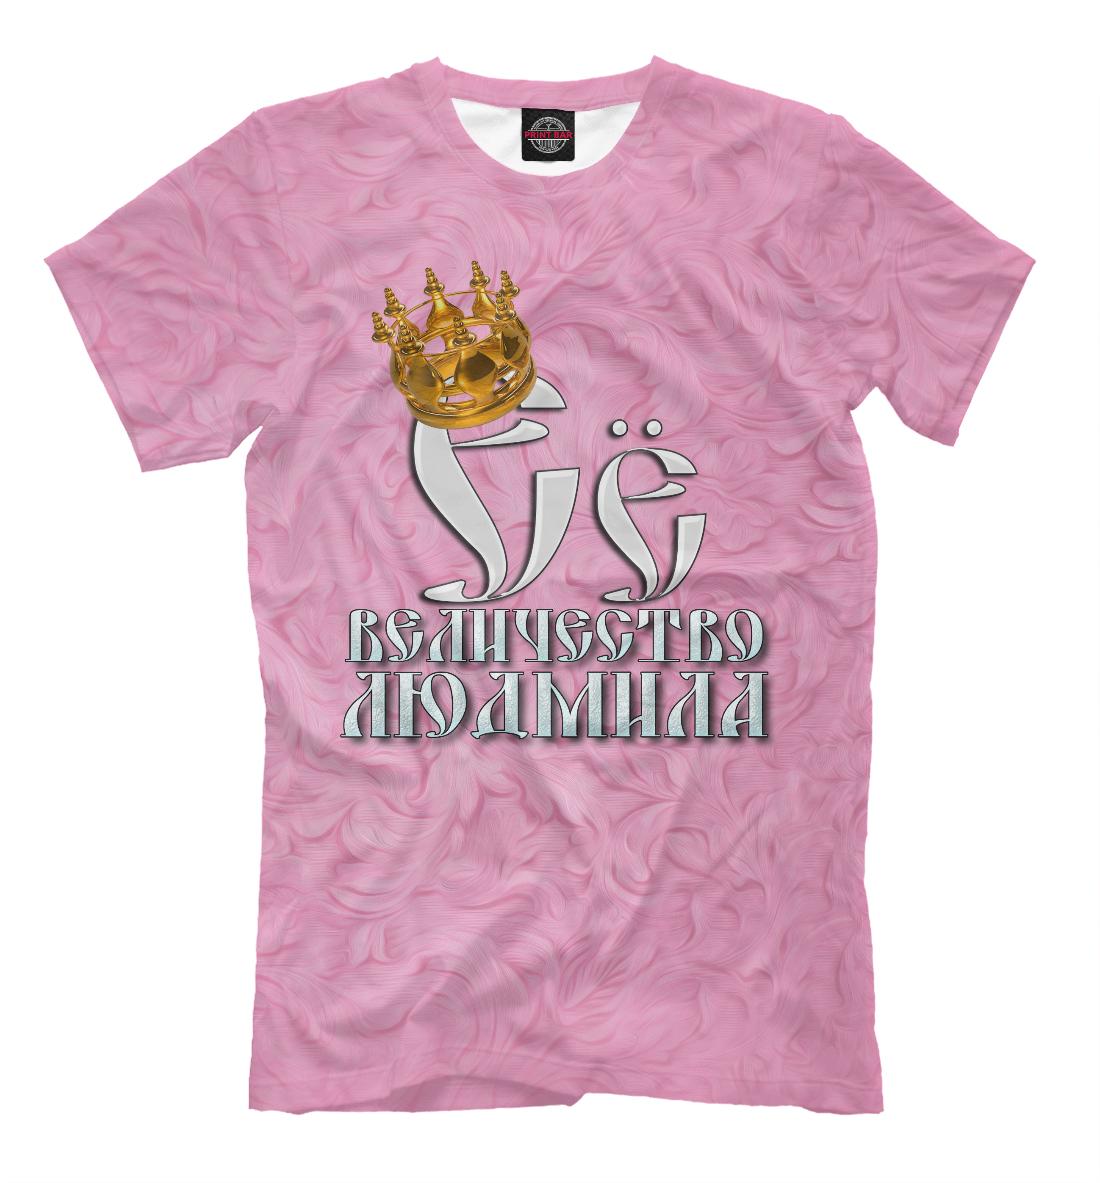 Купить Её величество Людмила, Printbar, Футболки, IMR-695398-fut-2